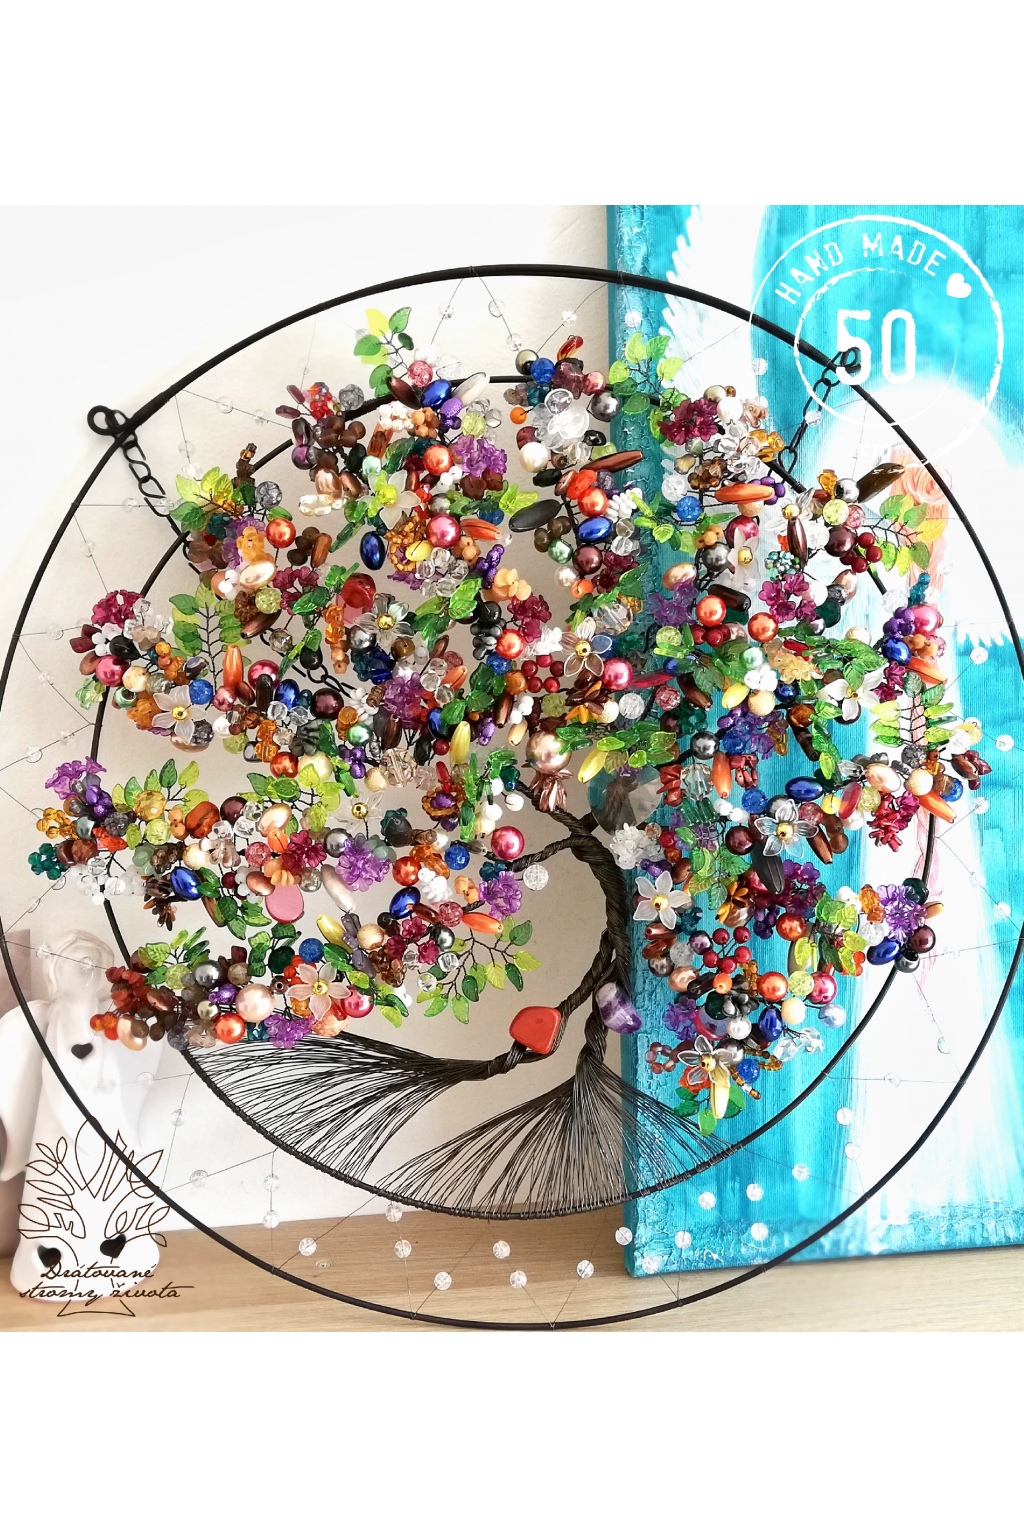 Drátovaný strom - Zdraví, radost a láska 50cm